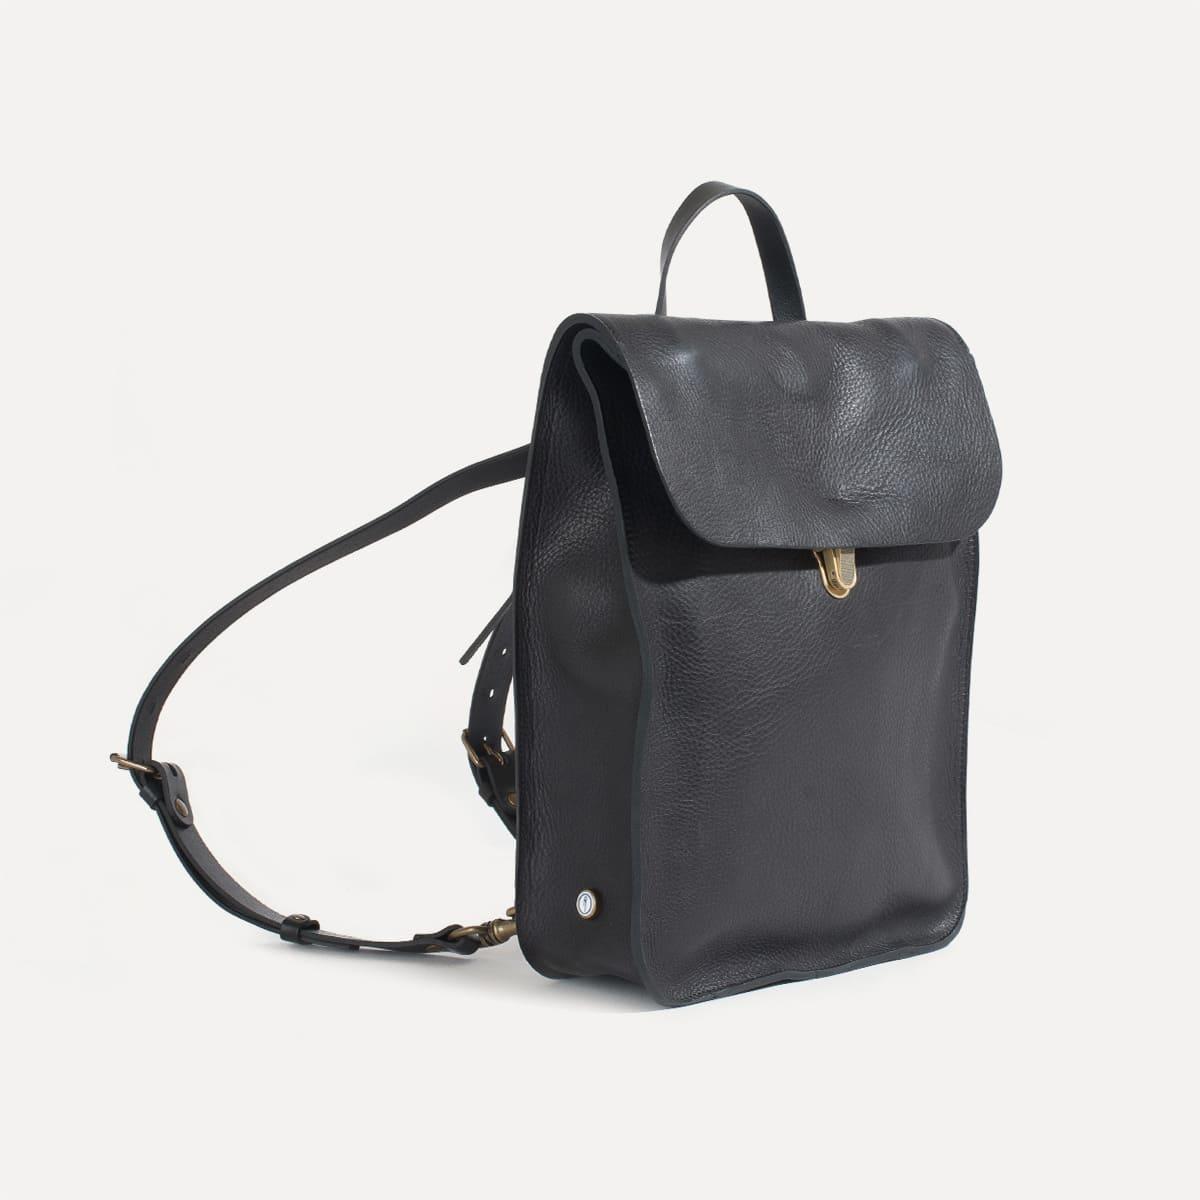 sac dos en cuir pour homme i made in france bleu de. Black Bedroom Furniture Sets. Home Design Ideas